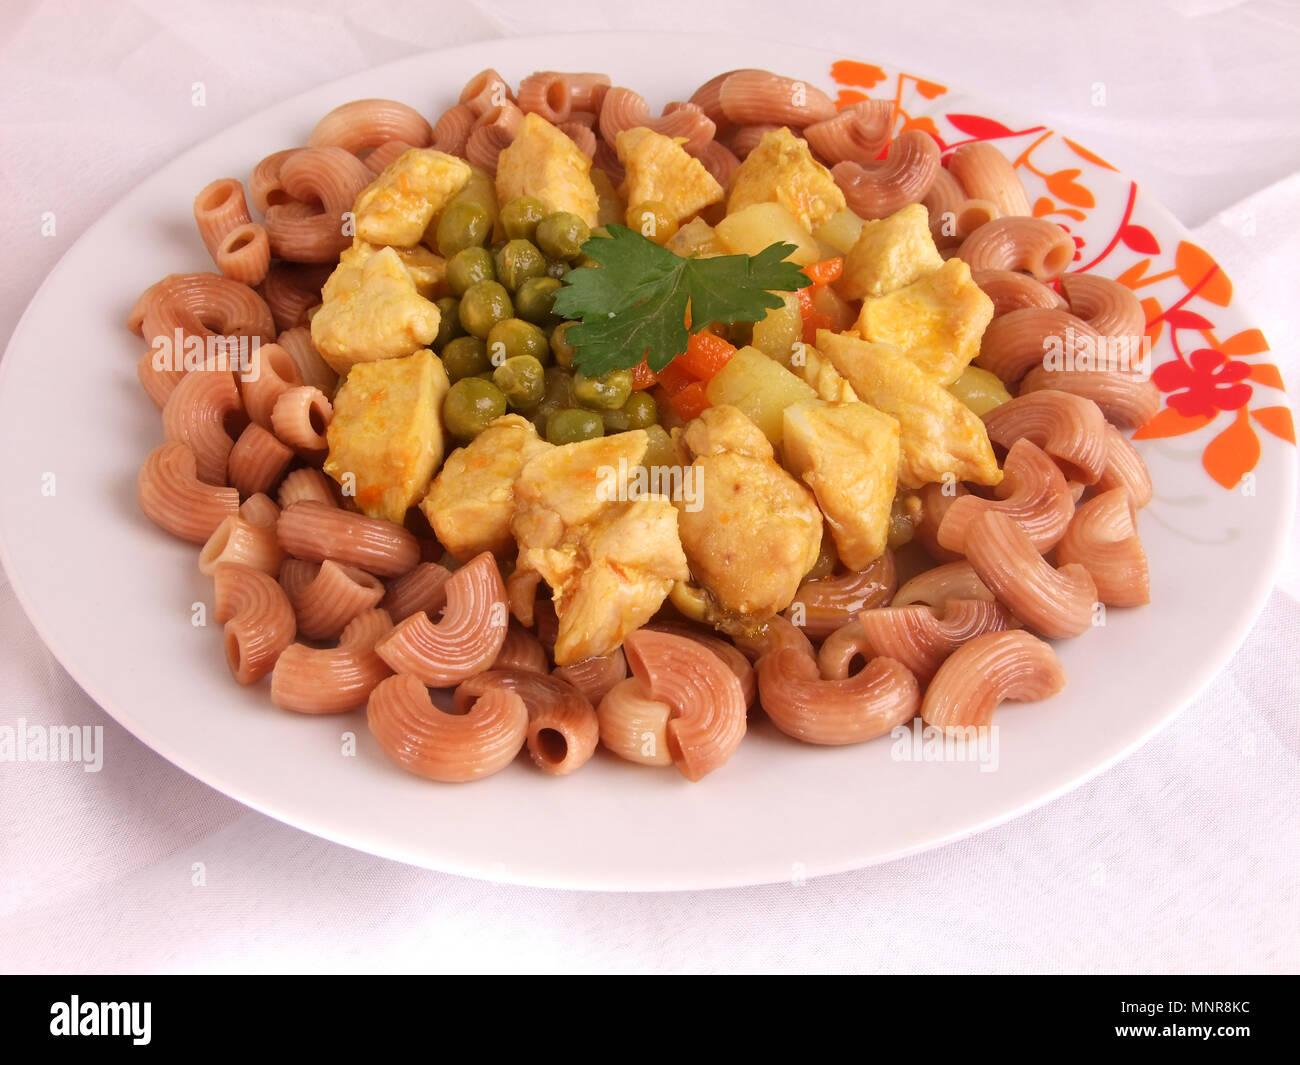 Comida Peruana tradicional Foto de stock